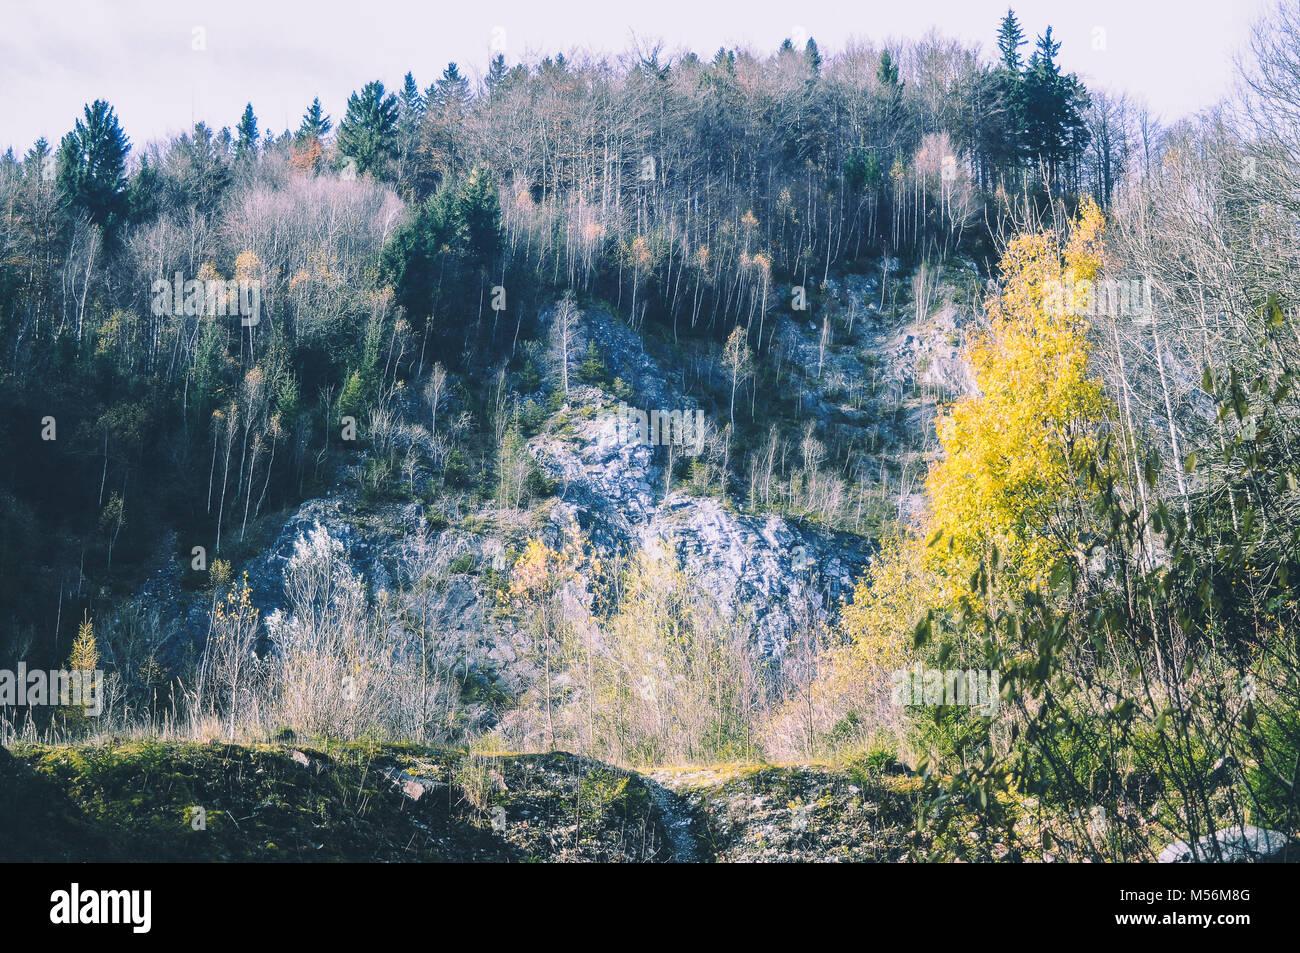 Ansicht von unten nach oben in die Berge. Geschwungene Linien und bunten Bäume im Herbst II Stockbild